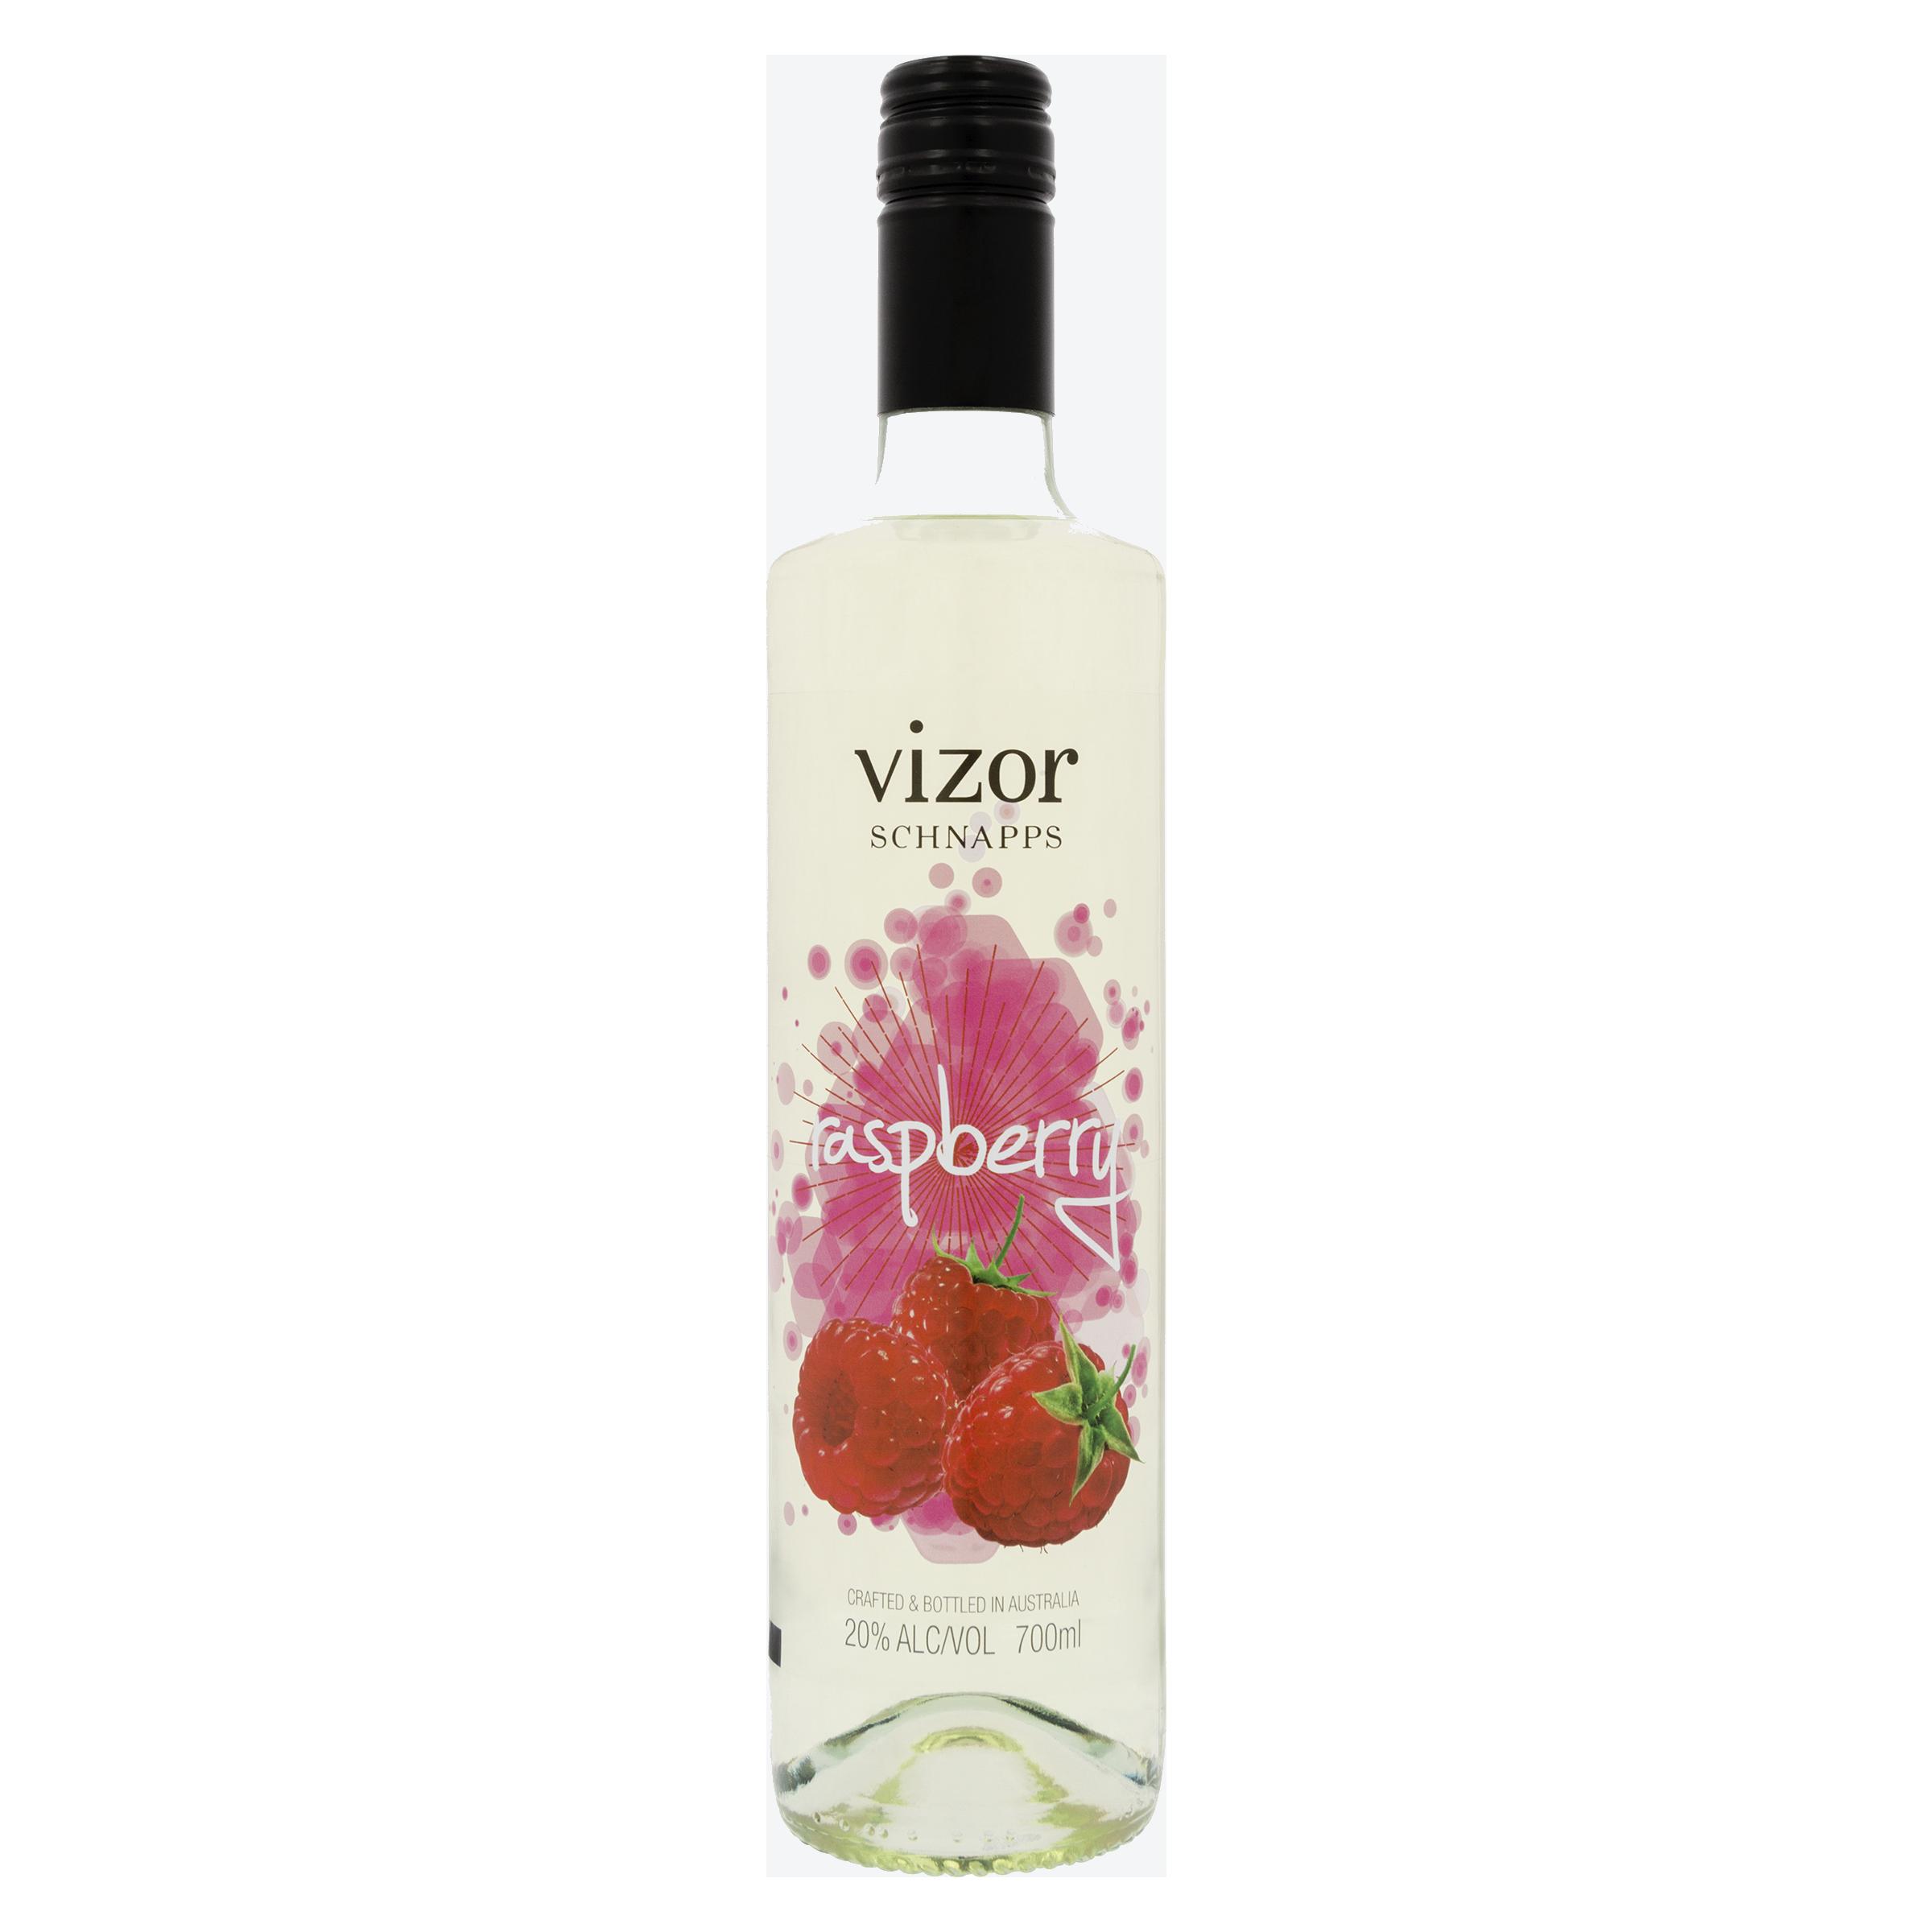 Vizor Raspberry Schnapps 700mL